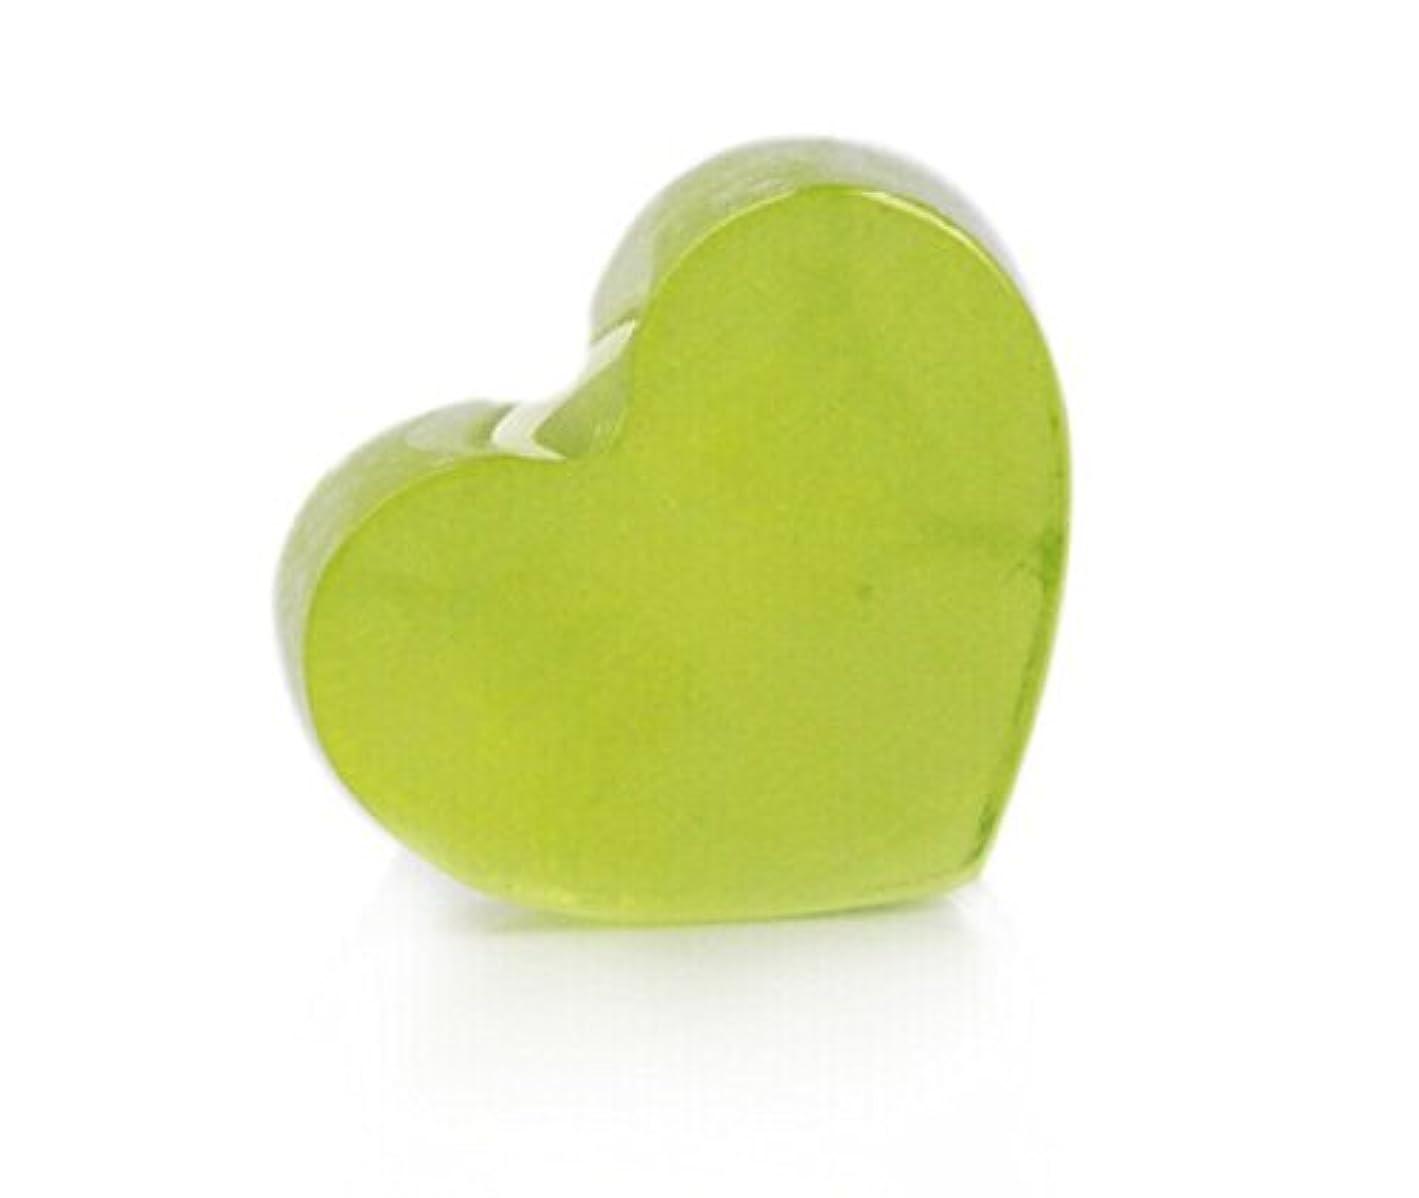 緑茶クレンジングディープクリーンにきび跡削除手作りオイルソープ  90g